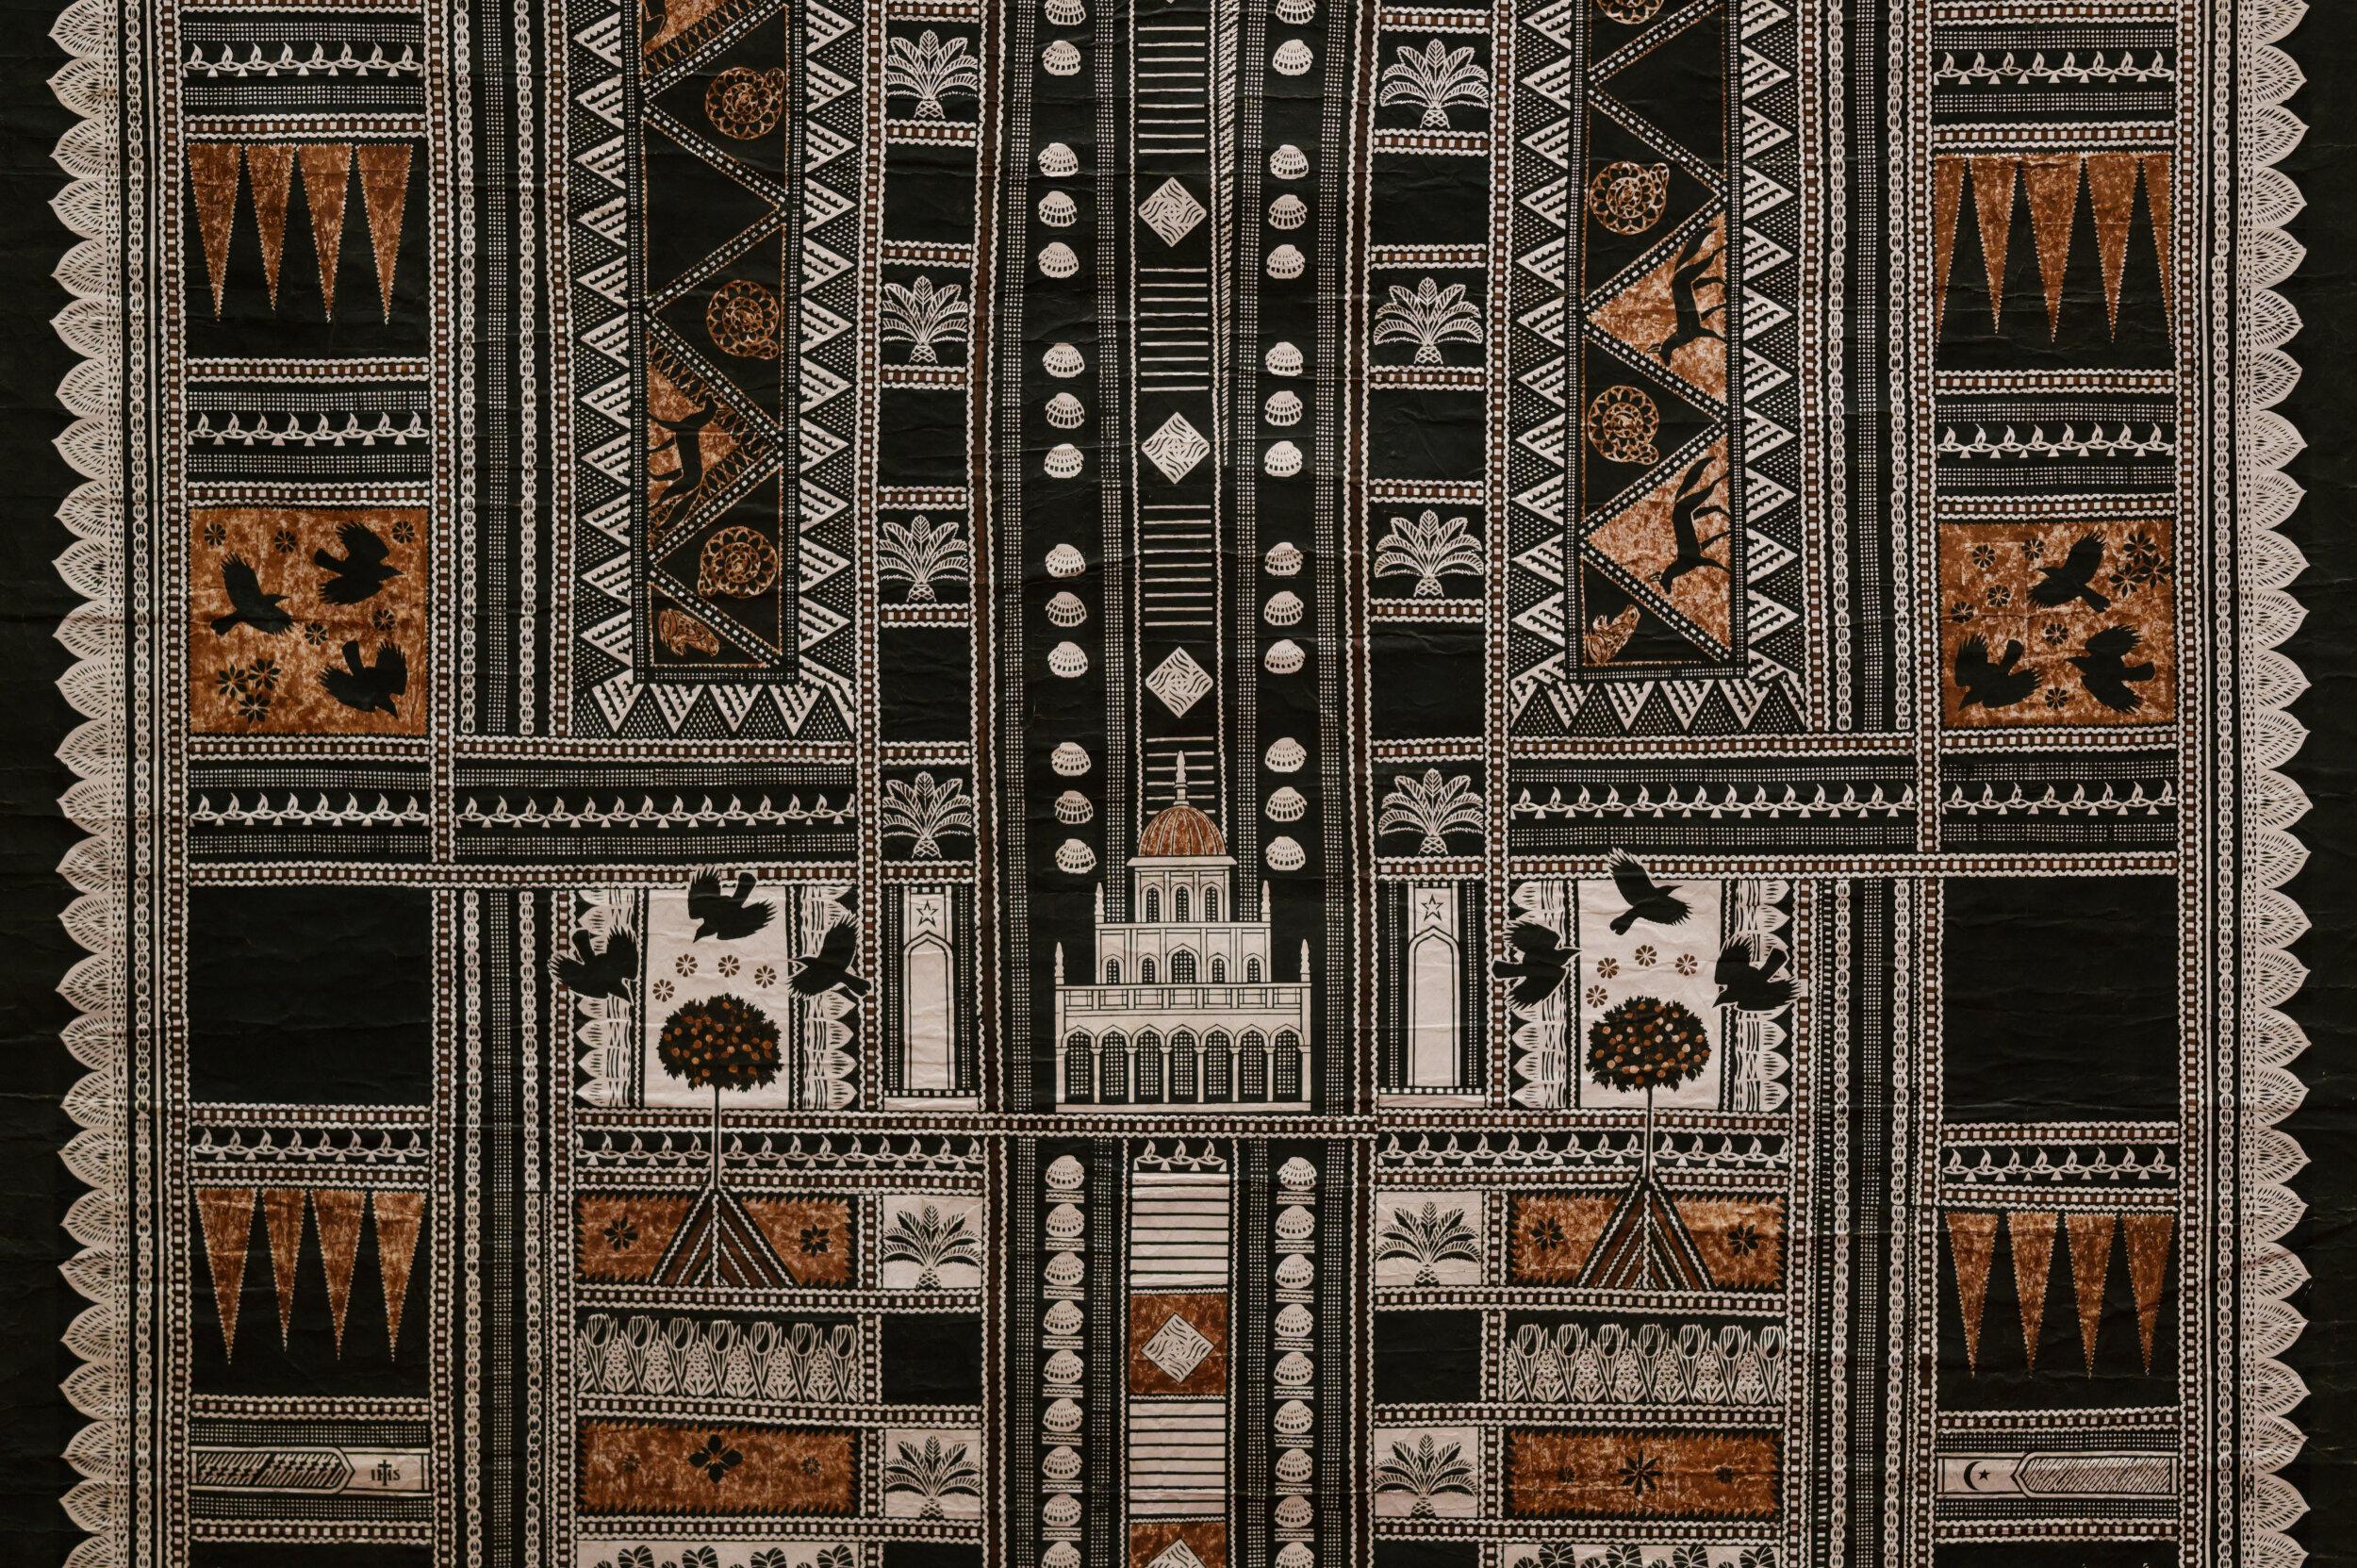 Detail of Suka Siti tapa cloth